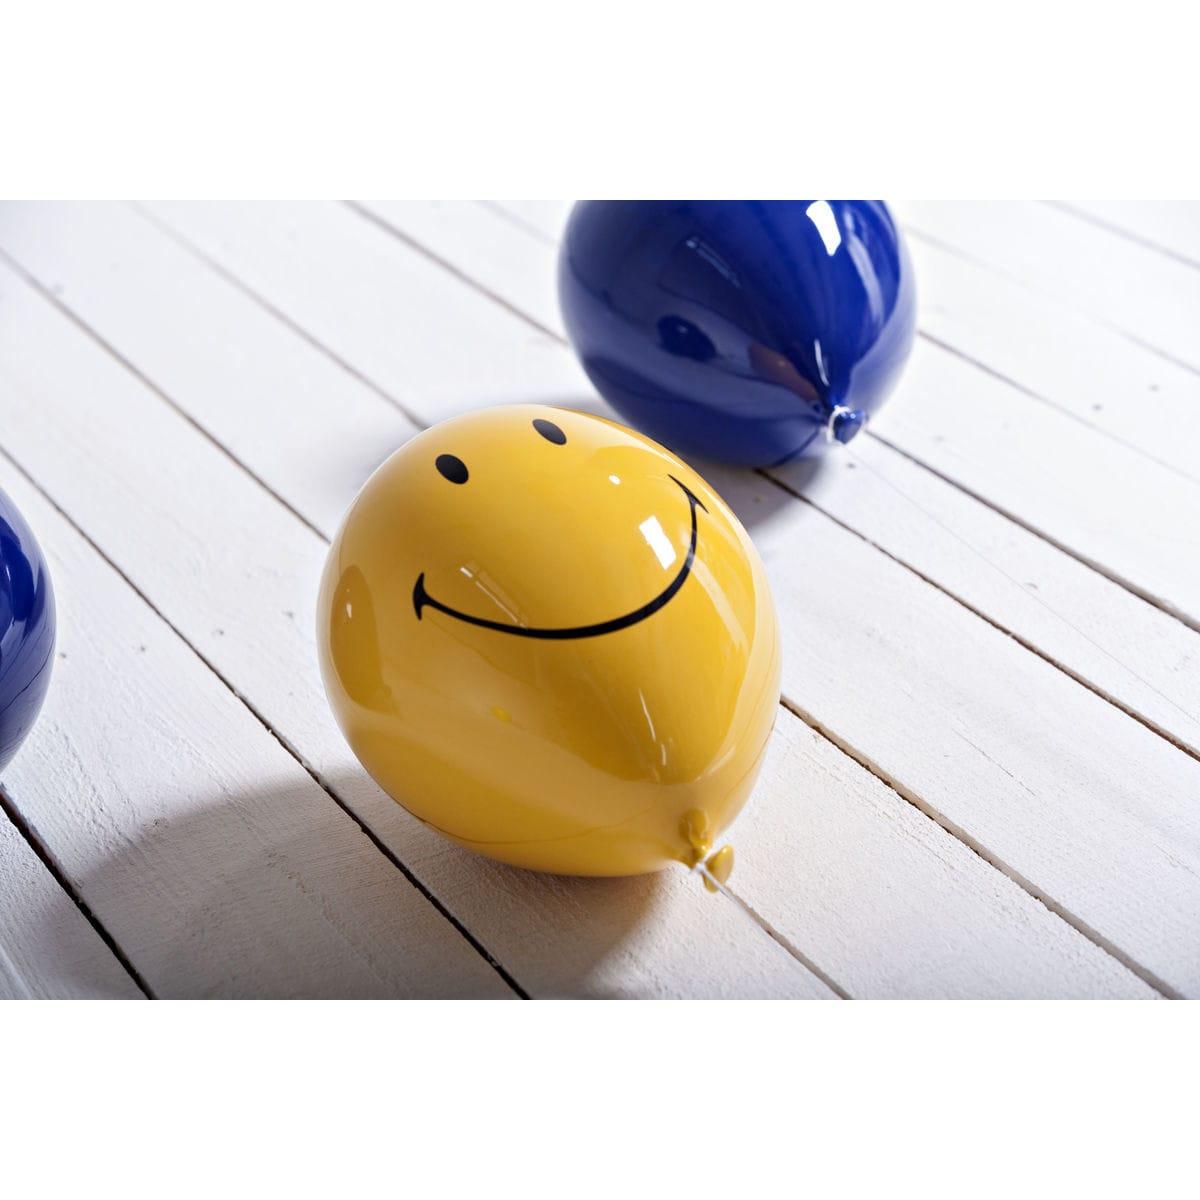 Palloncino decorativo in ceramica Balloon giallo Smiley e blu su legno bianco